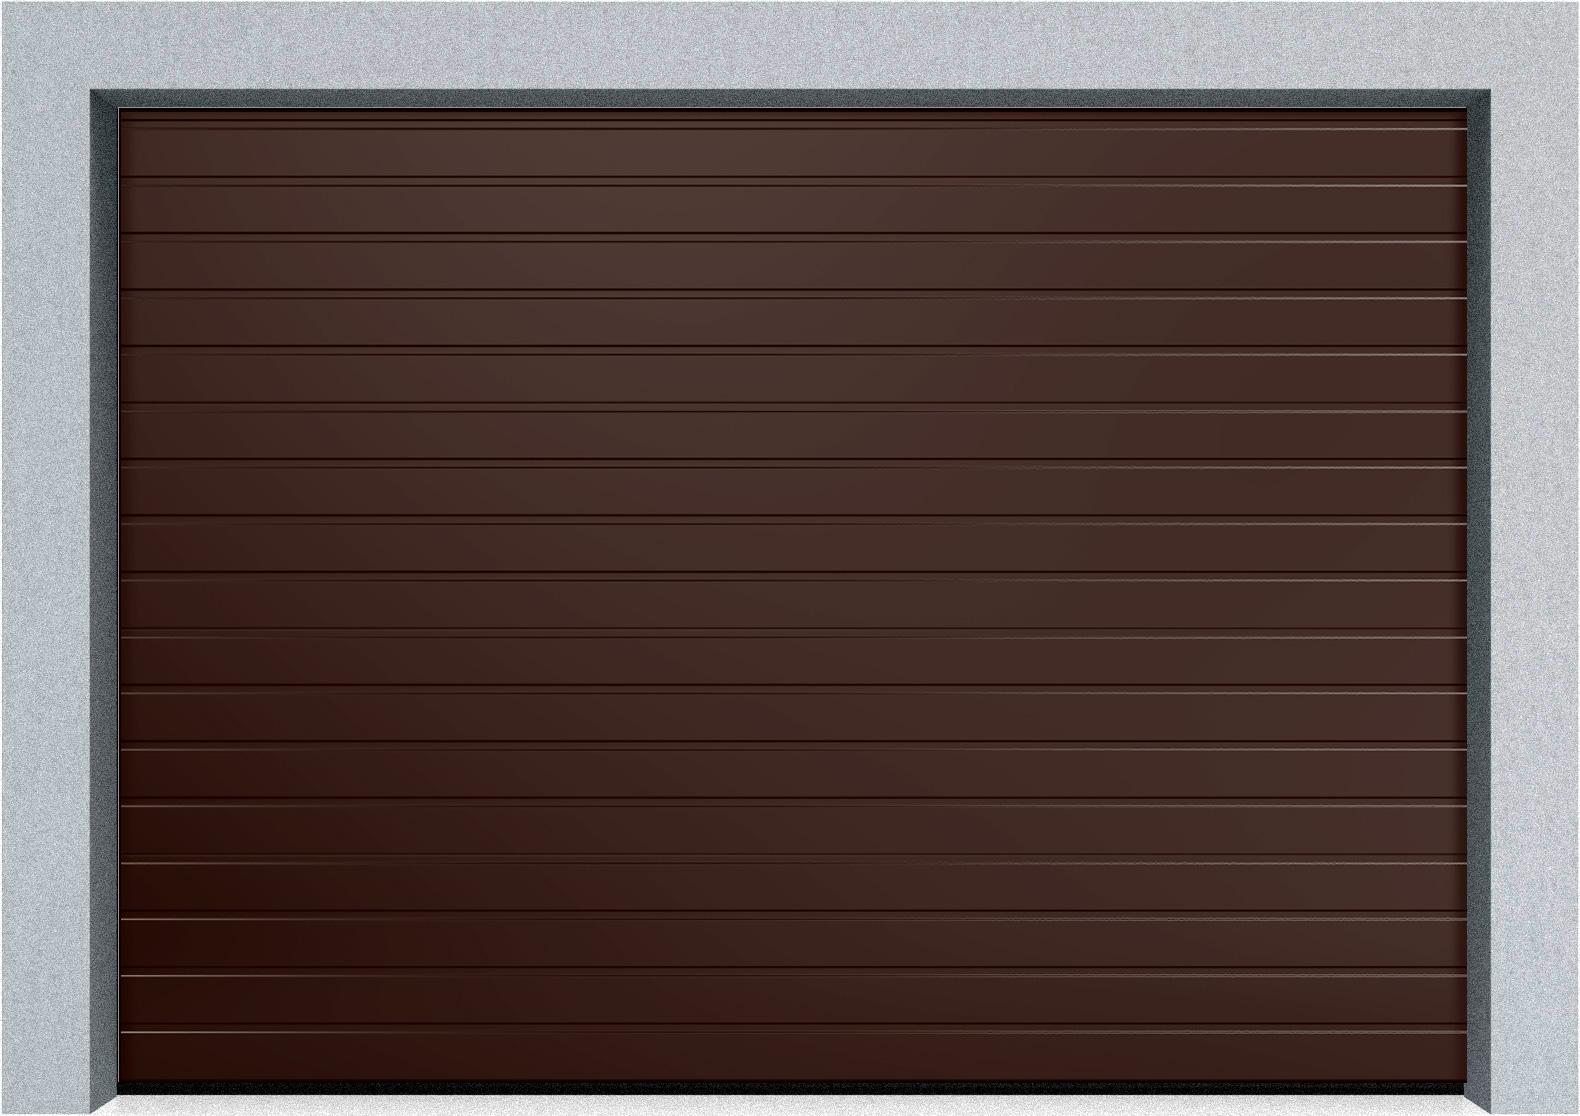 Секционные промышленные ворота Alutech ProTrend 2500х2000 S-гофр, Микроволна стандартные цвета, фото 3